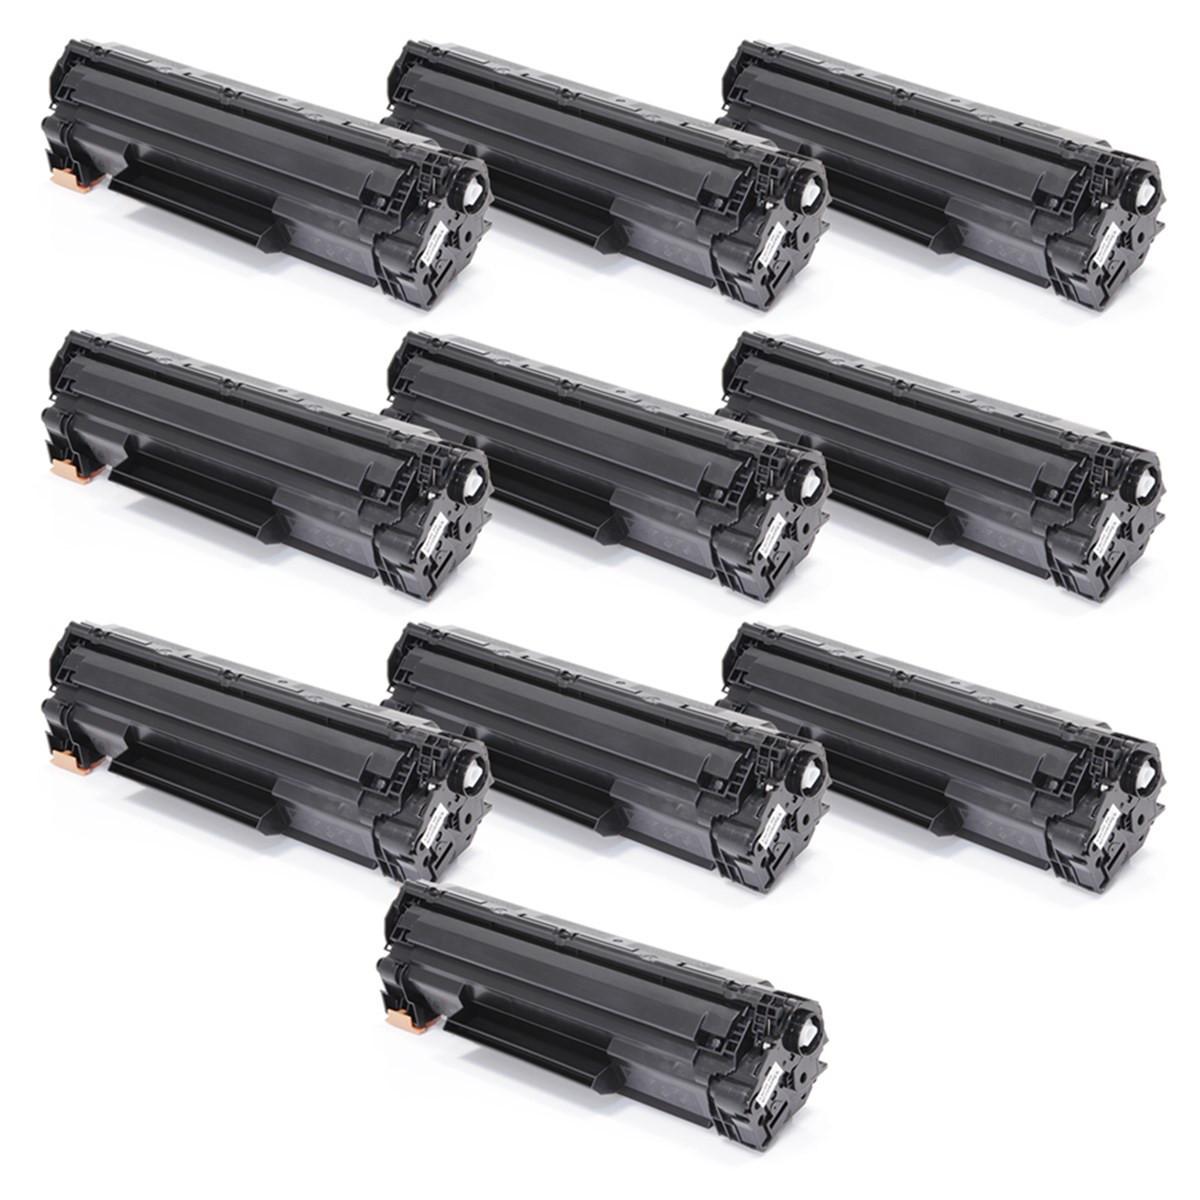 Kit 10 Toner Compatível com HP CF283A 83A   M125A M201 M225 M226 M202 M127FN M127FW   Premium 1.5k